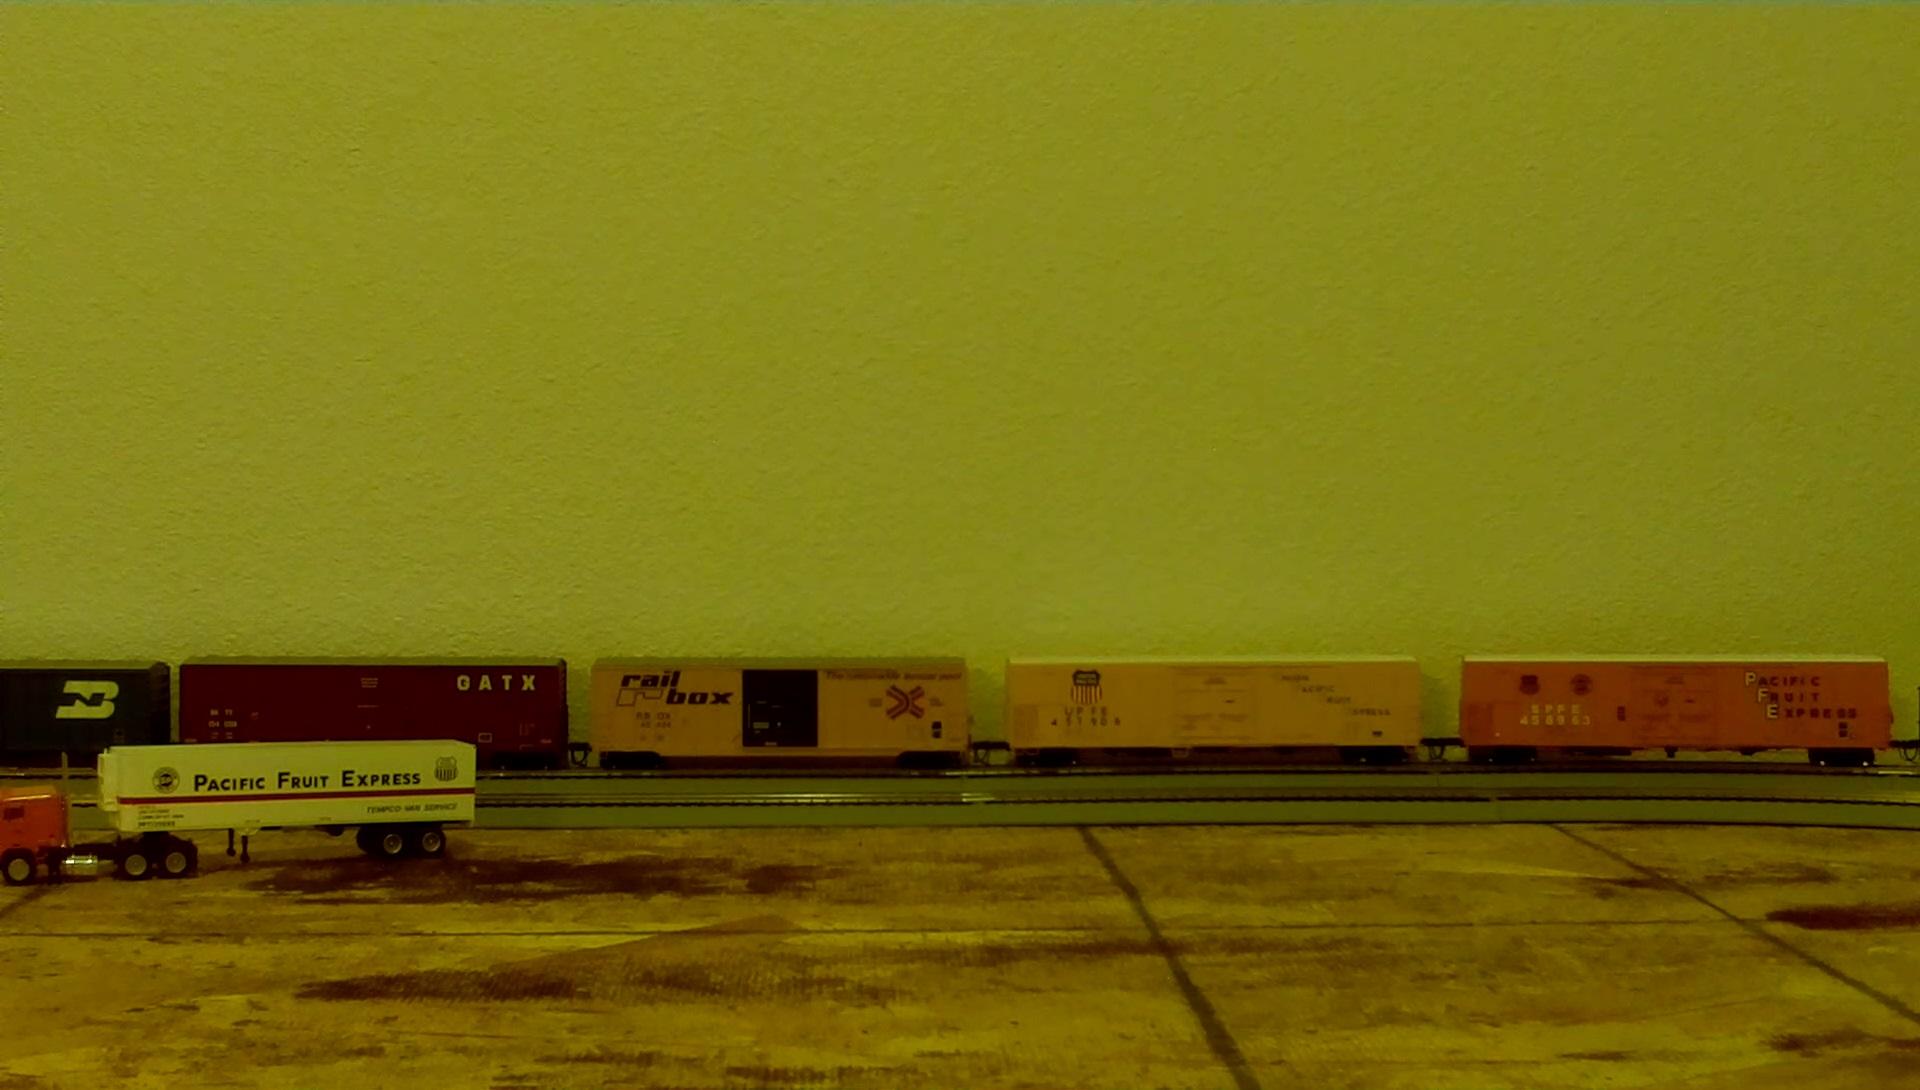 VLC snapshot test image